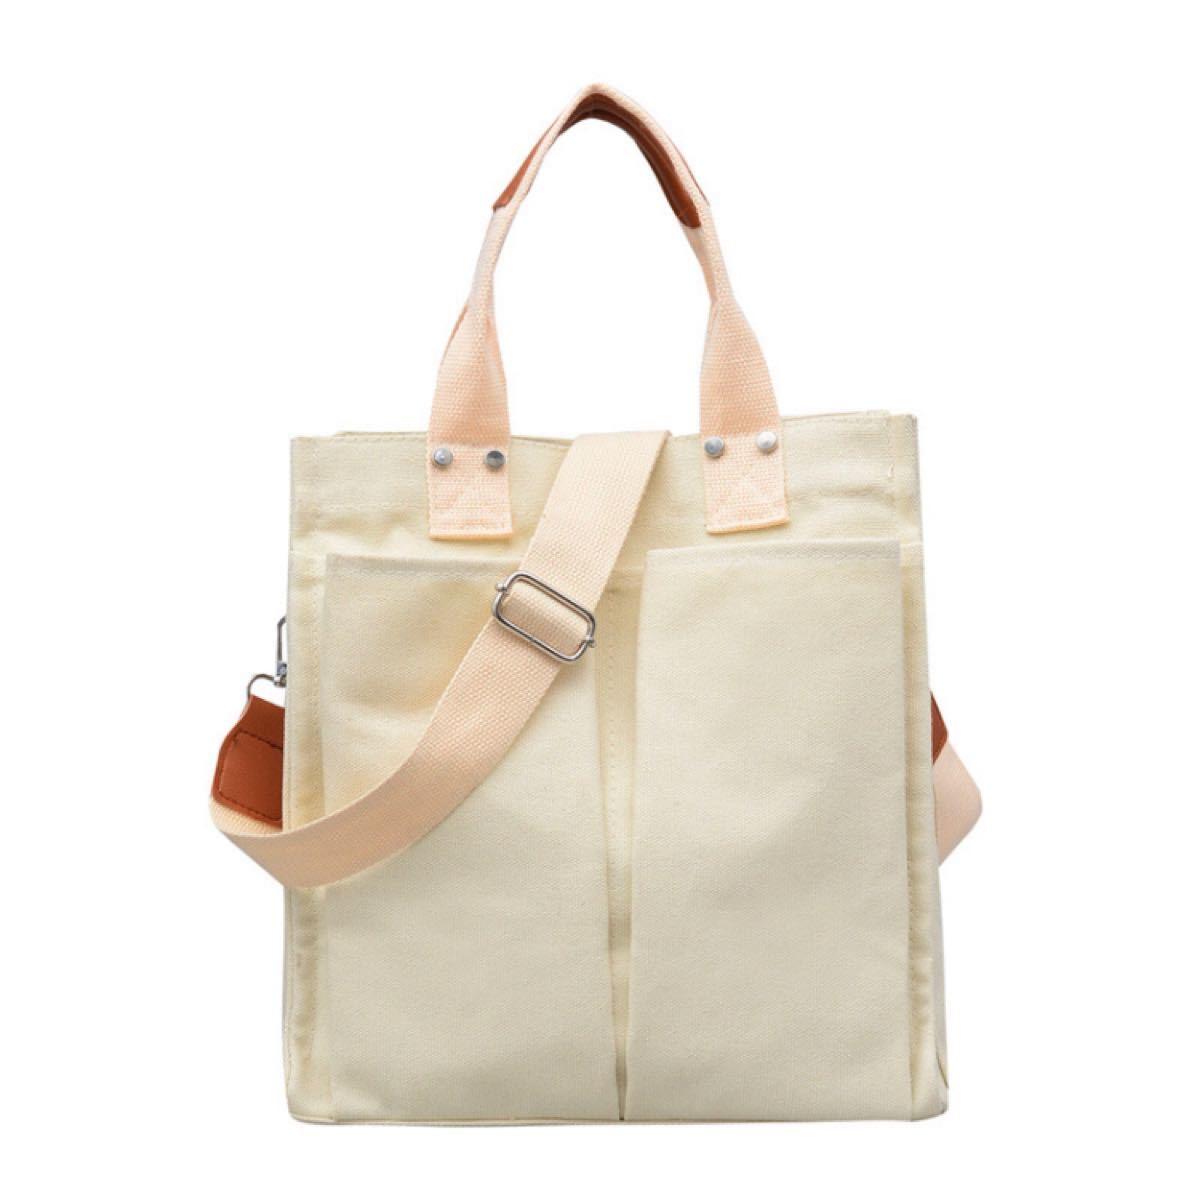 トートバッグ ショルダーバッグ 白 キャンバス レディースバッグ キャンバスバッグ